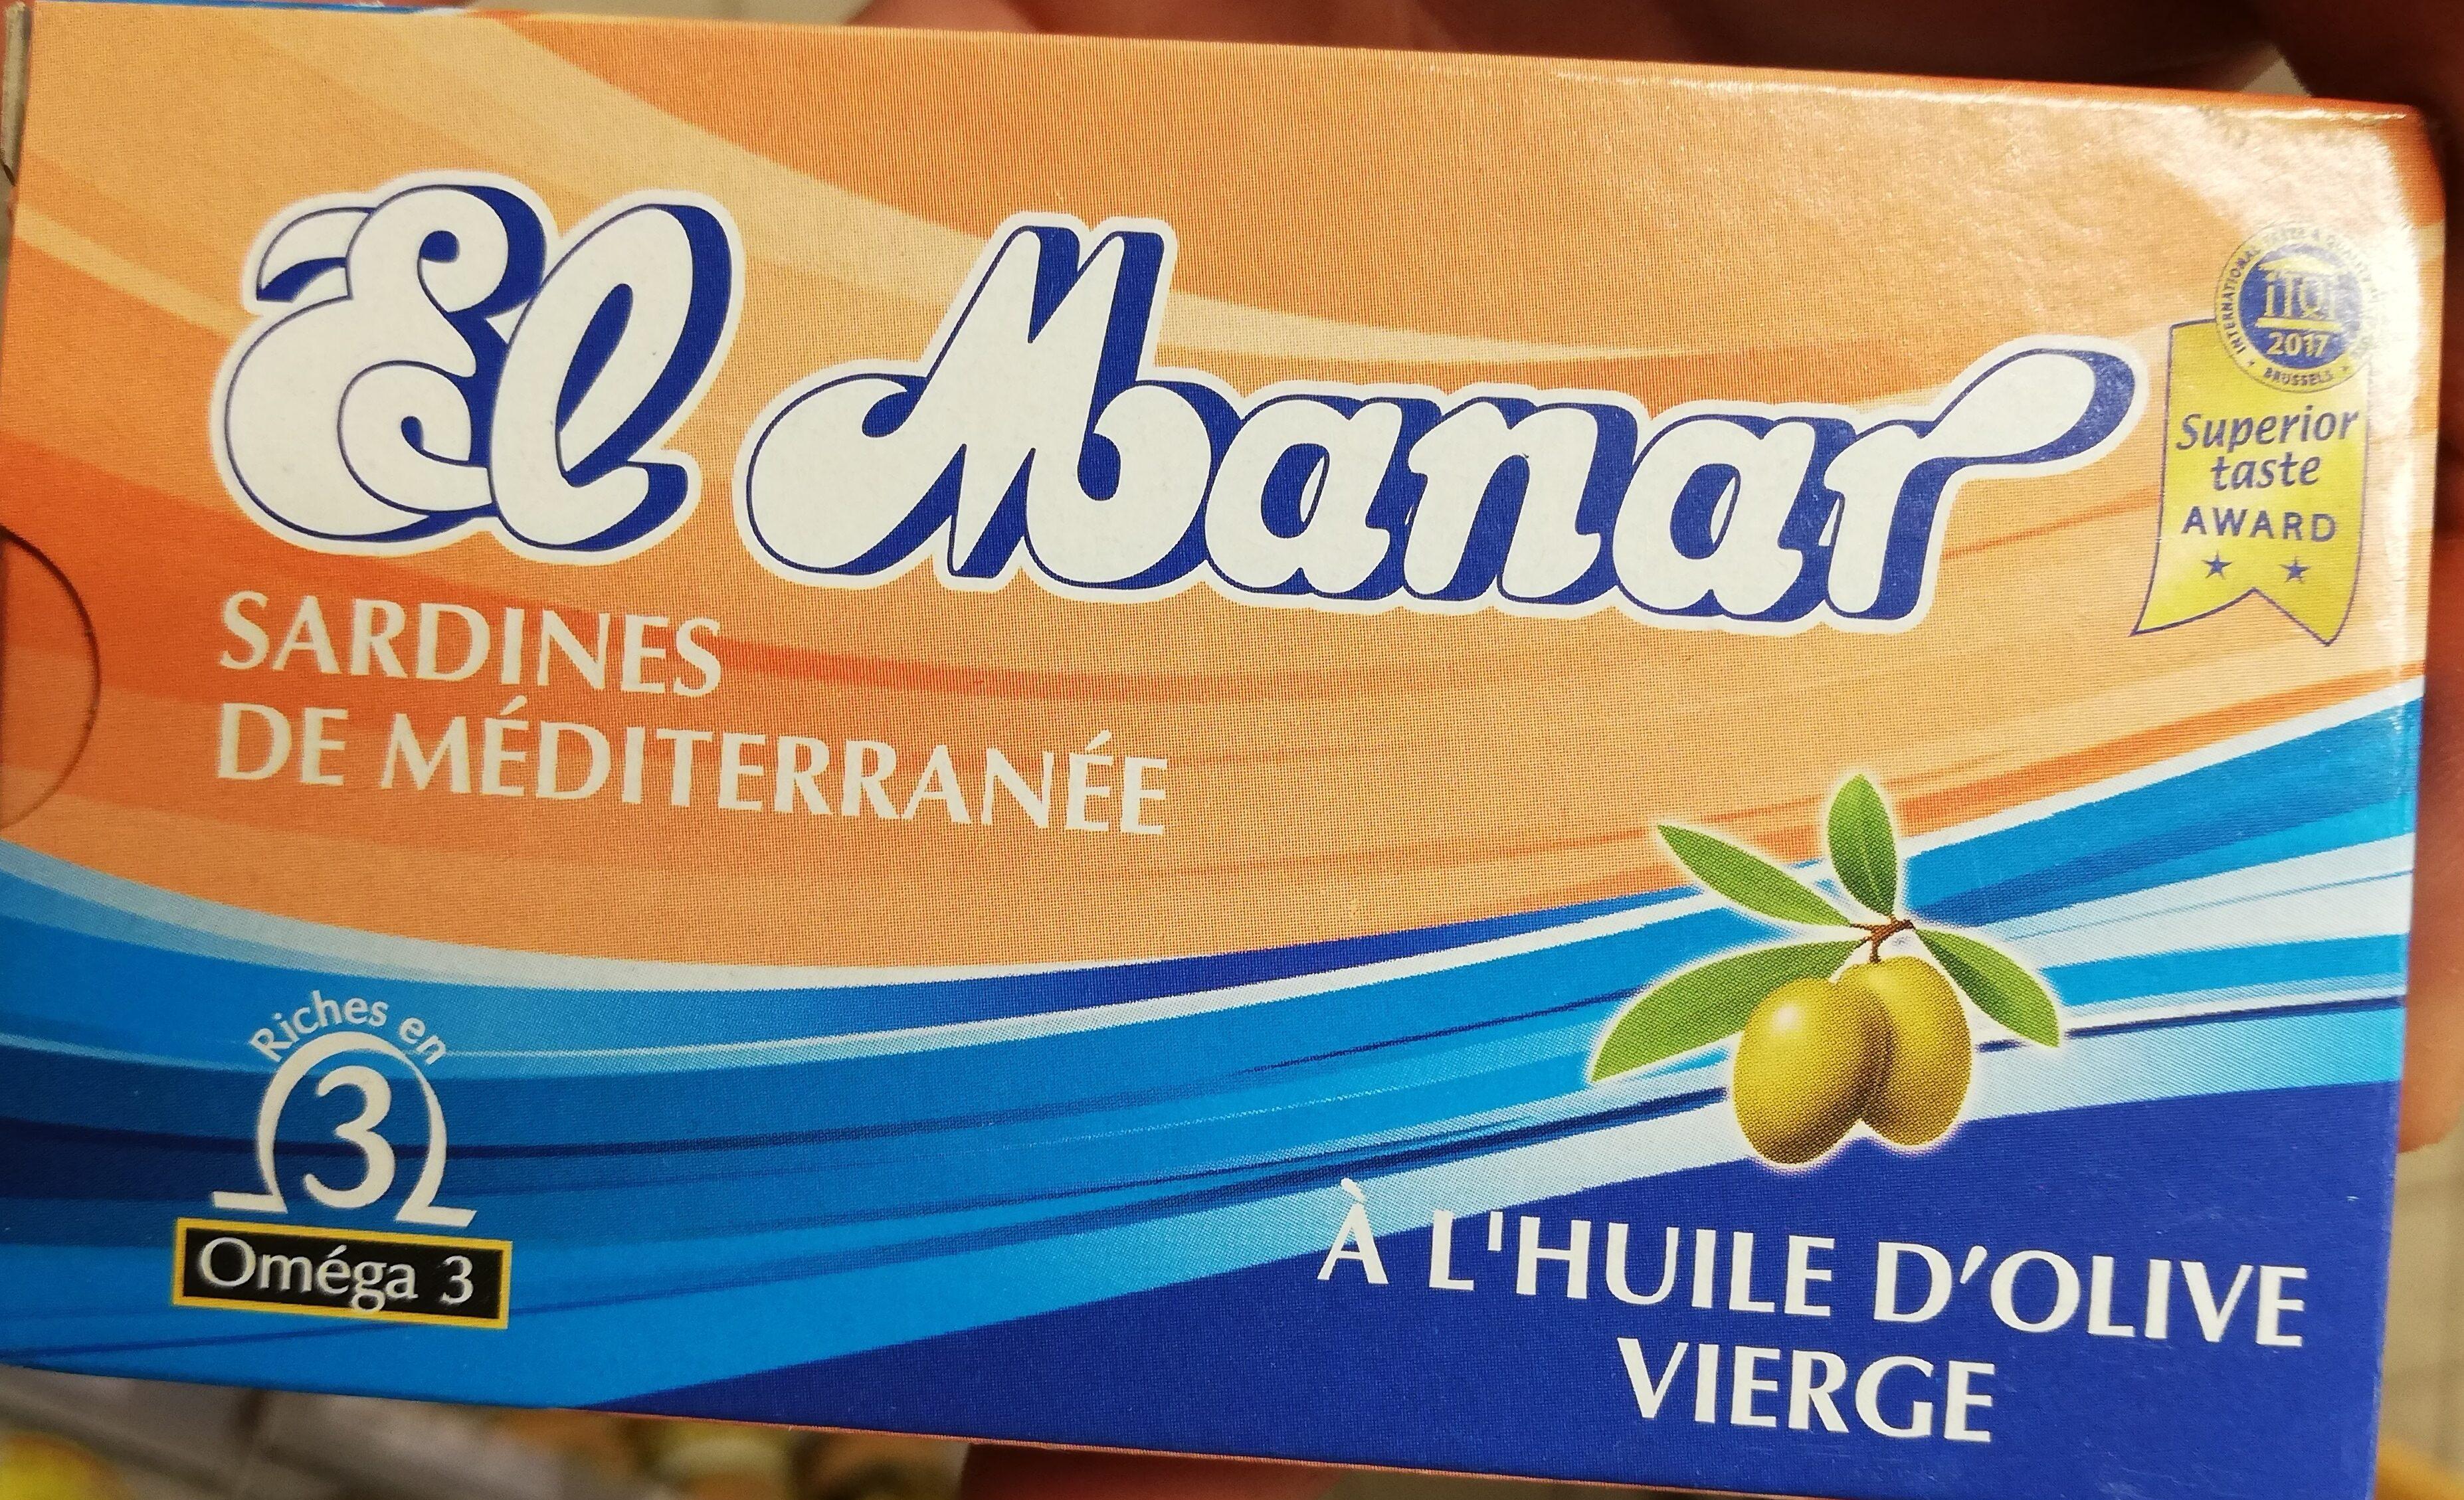 Sardines de méditerranée à l'huile d'olive vierge - Produit - fr